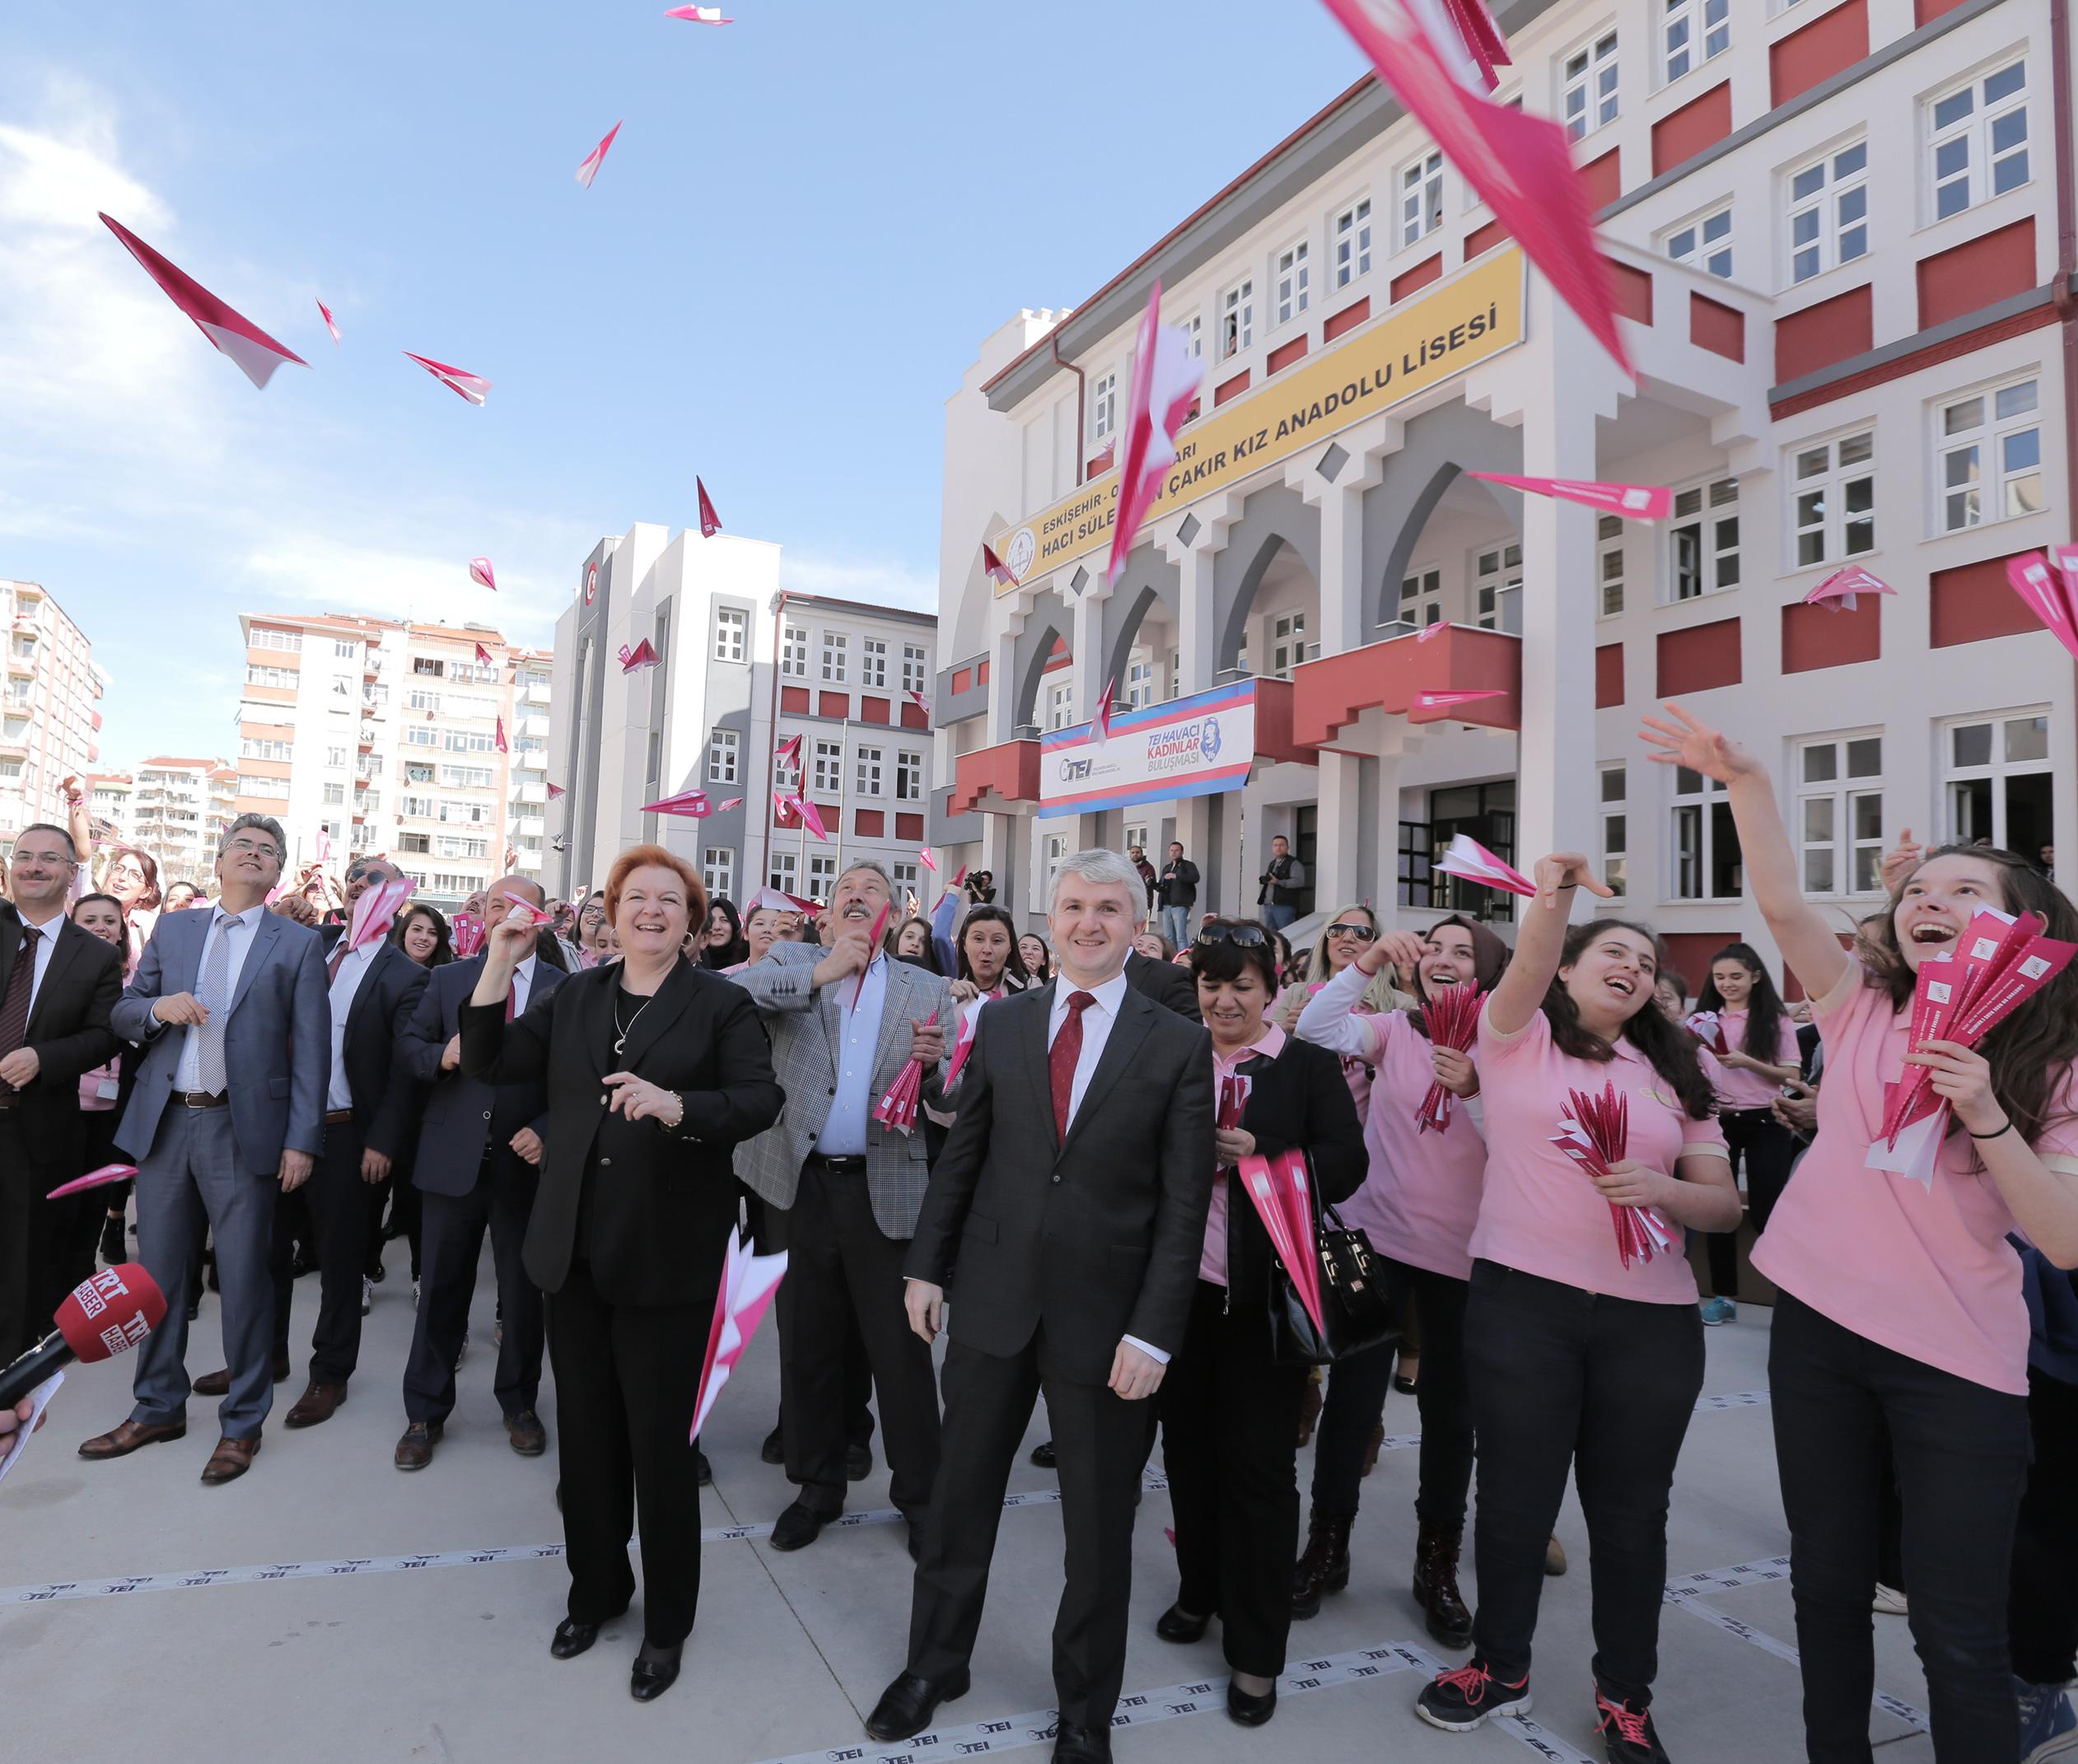 Eskişehir'de Kadınlar 8 Mart'ta Pembe Kağıt Uçaklarla Meydan Okudu